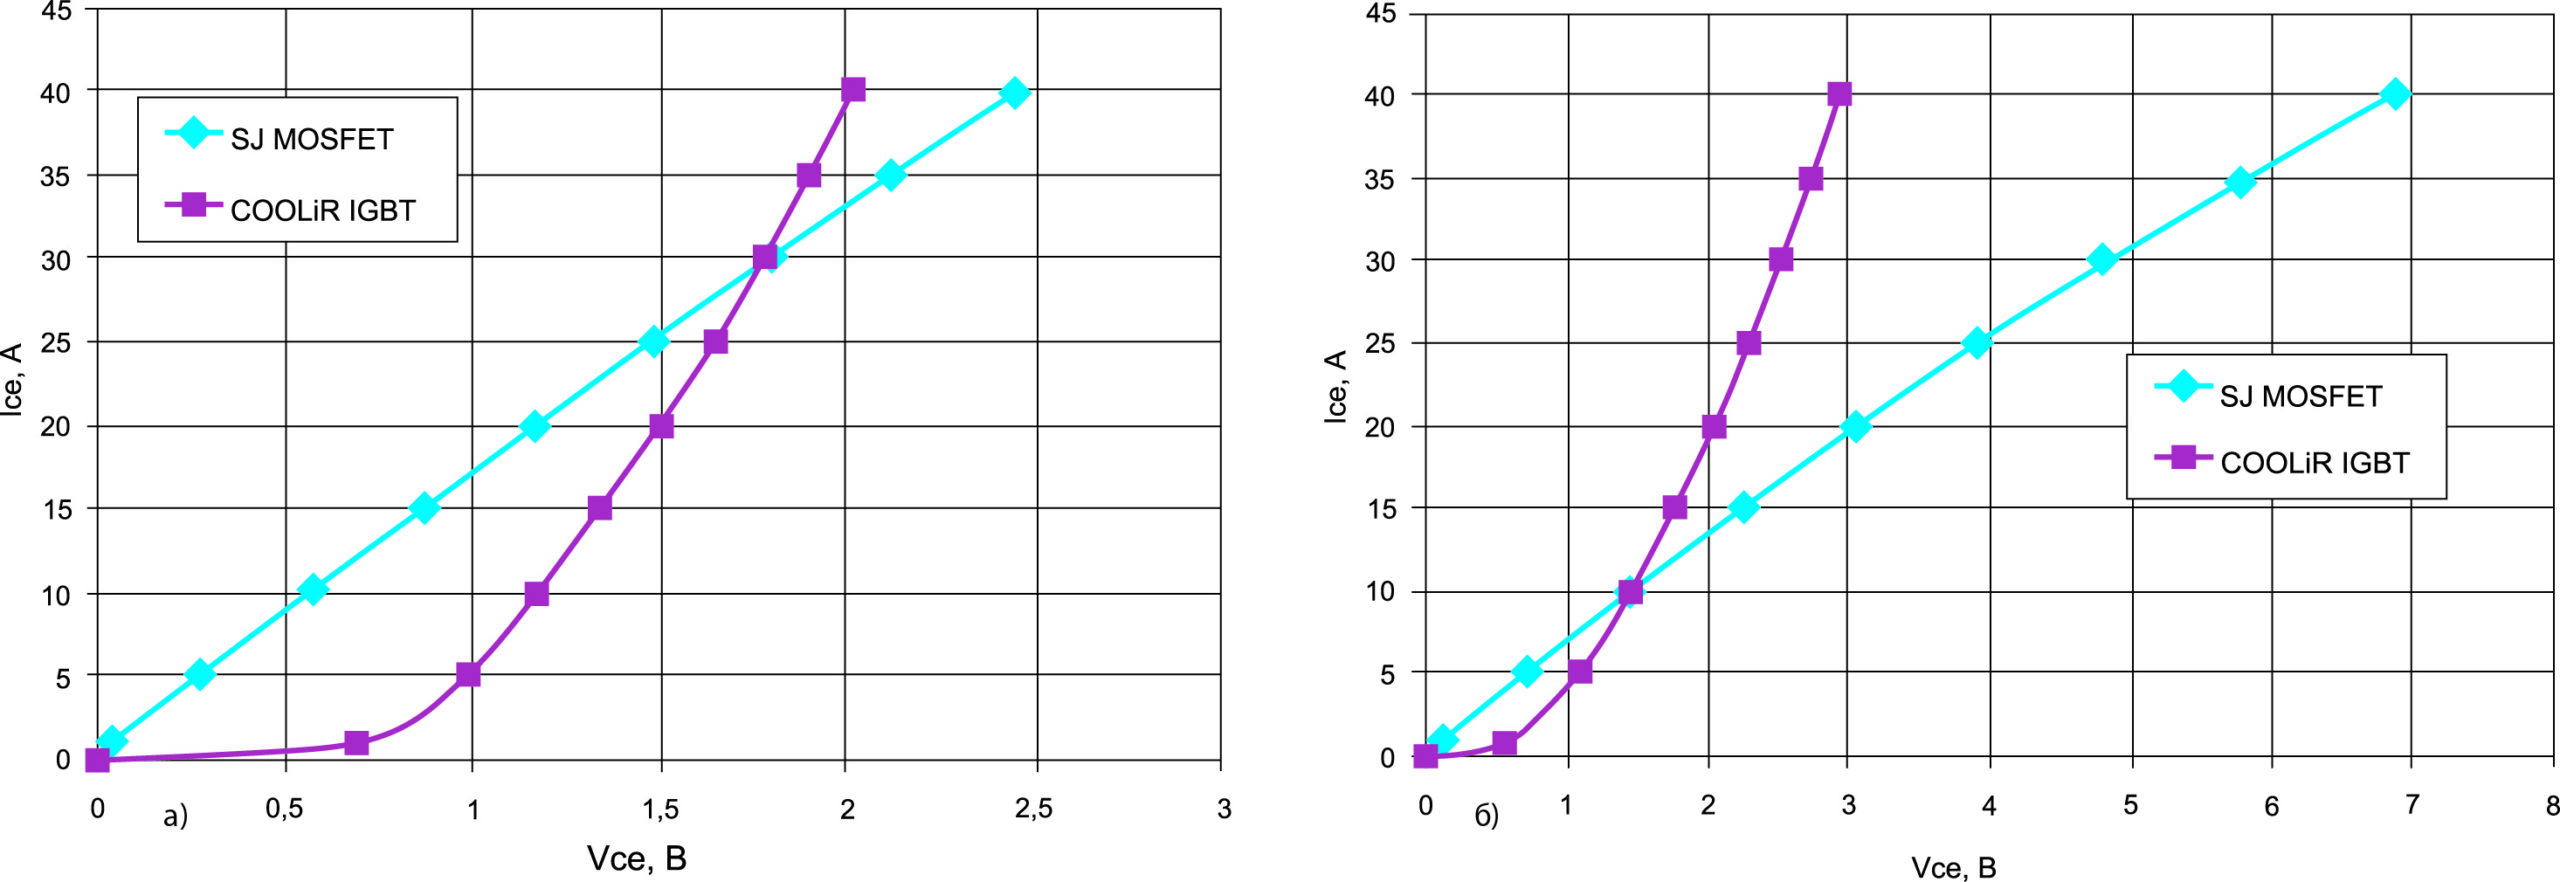 Сравнение прямых характеристик COOLiR IGBT и SJ MOSFET